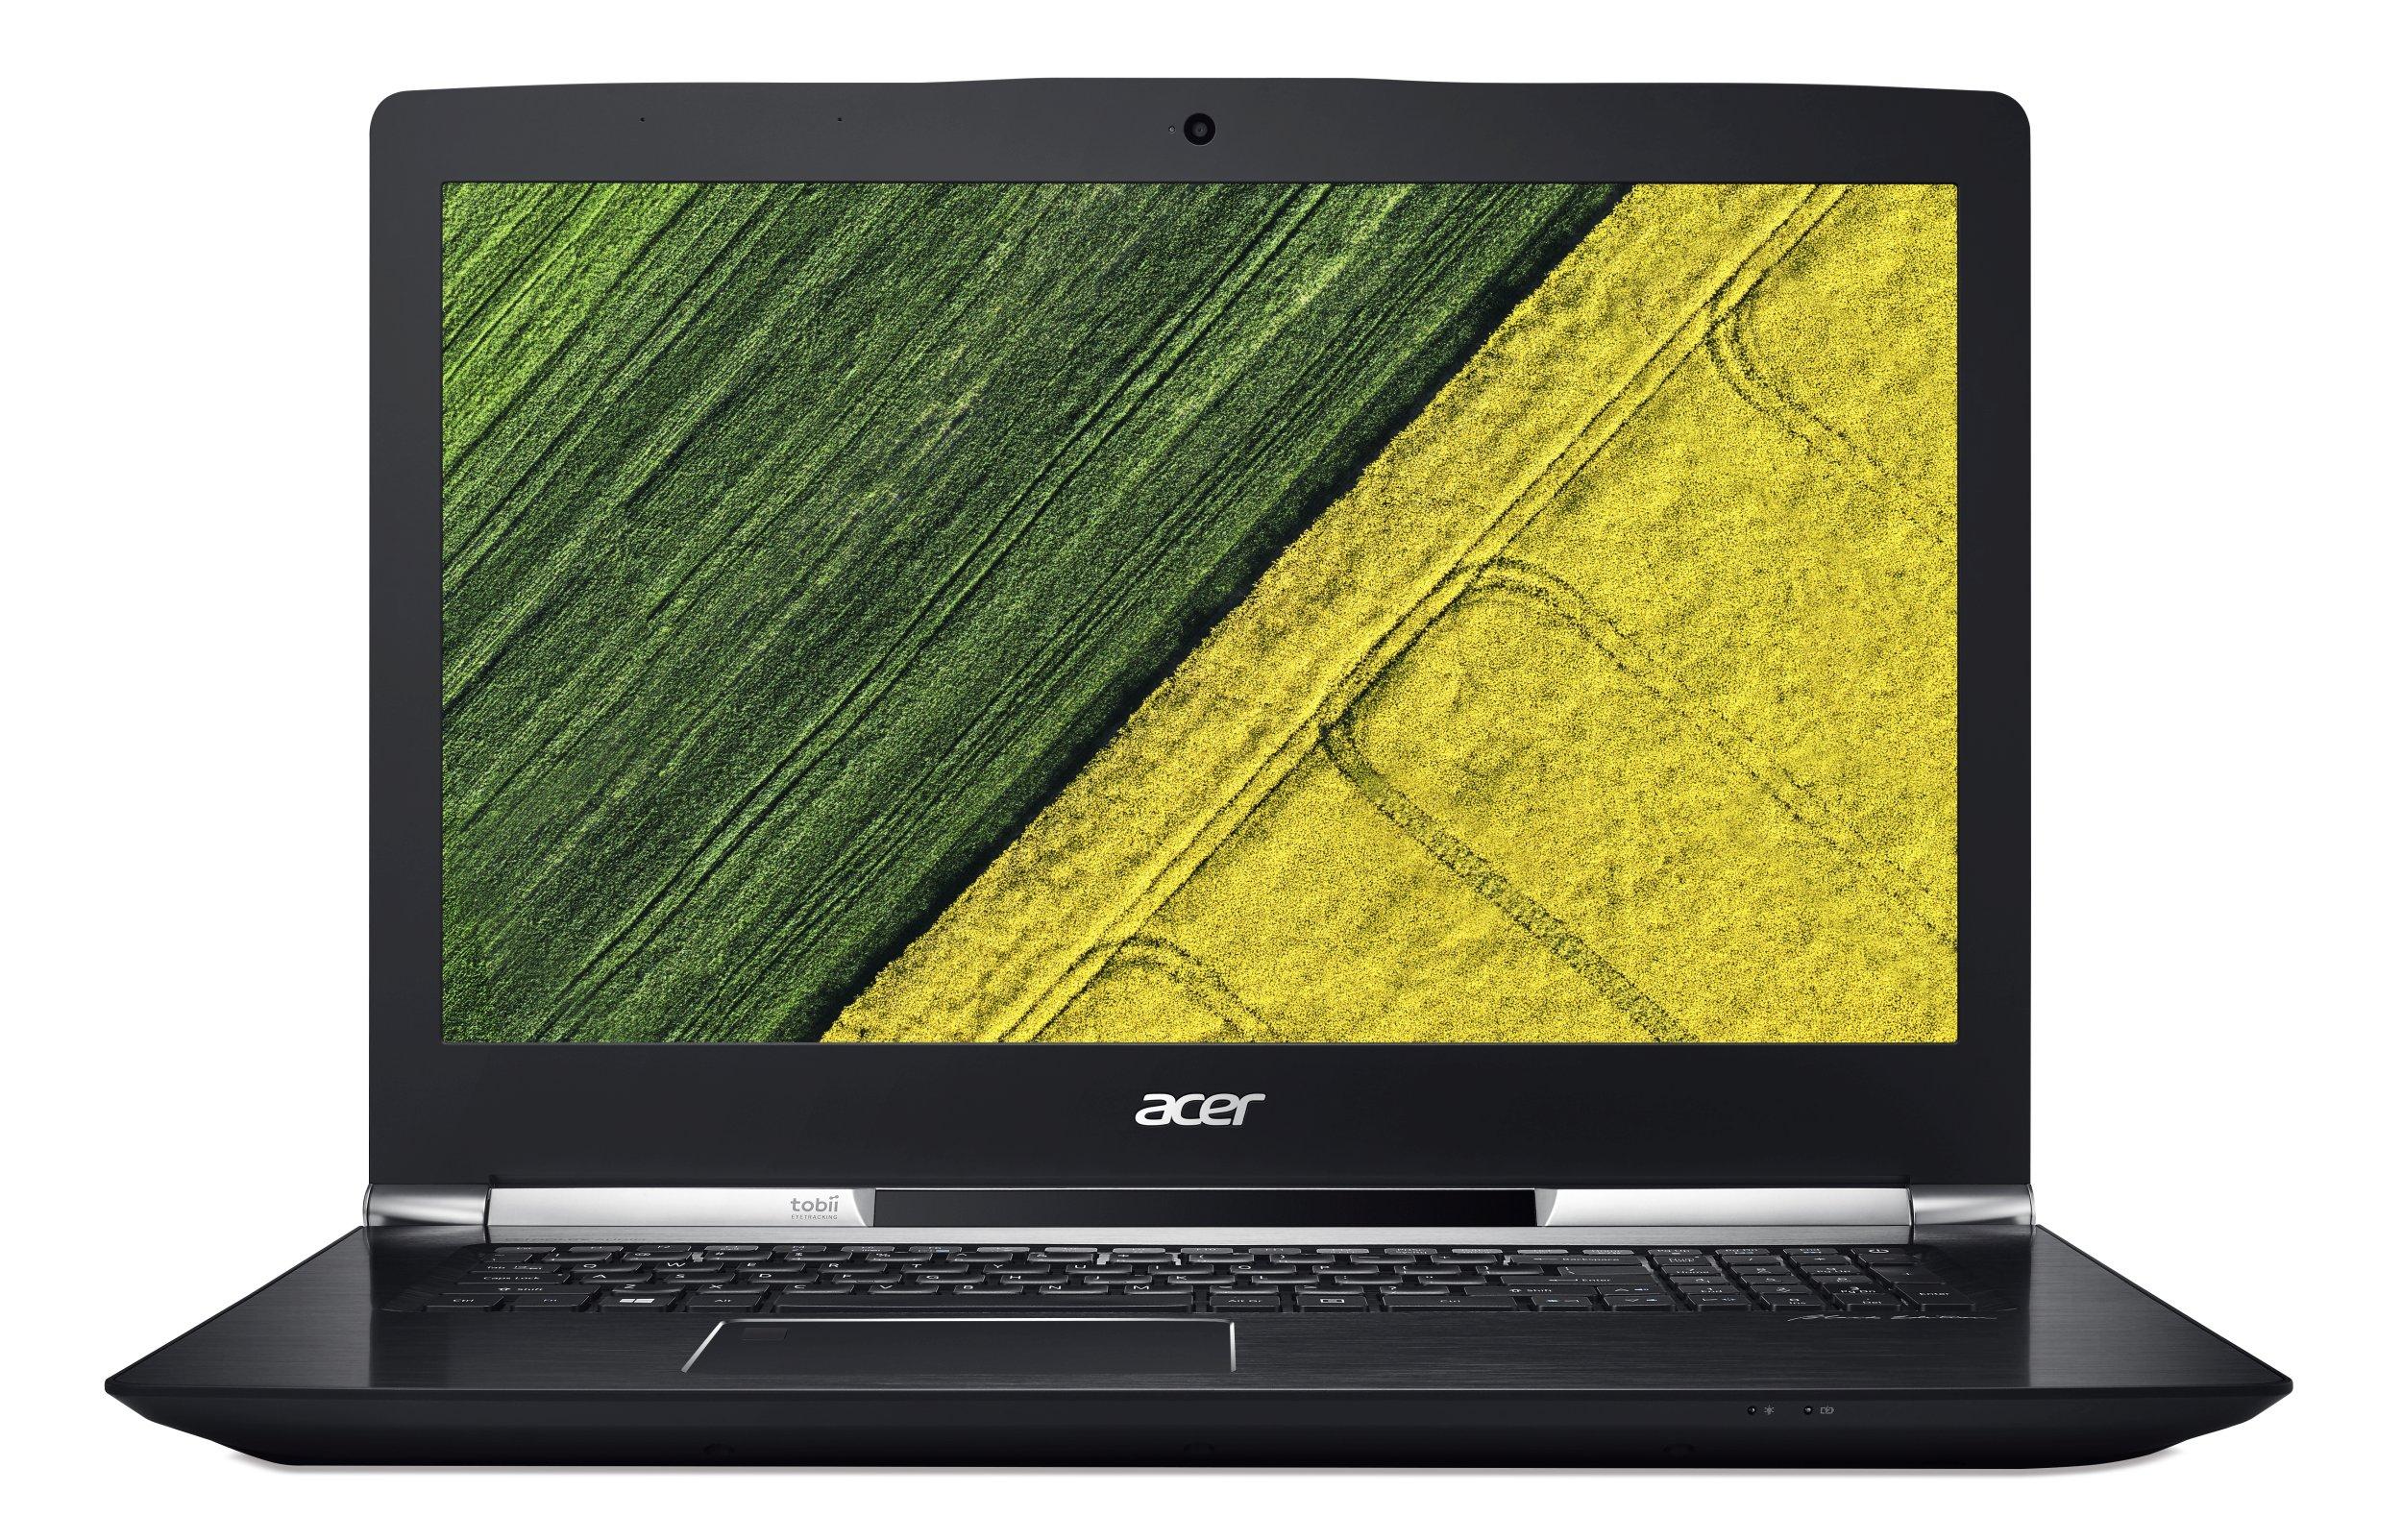 Acer Aspire V17 Nitro 17,3/i7-7700HQ/2*8G/1TB+256SSD/NV/W10 černý